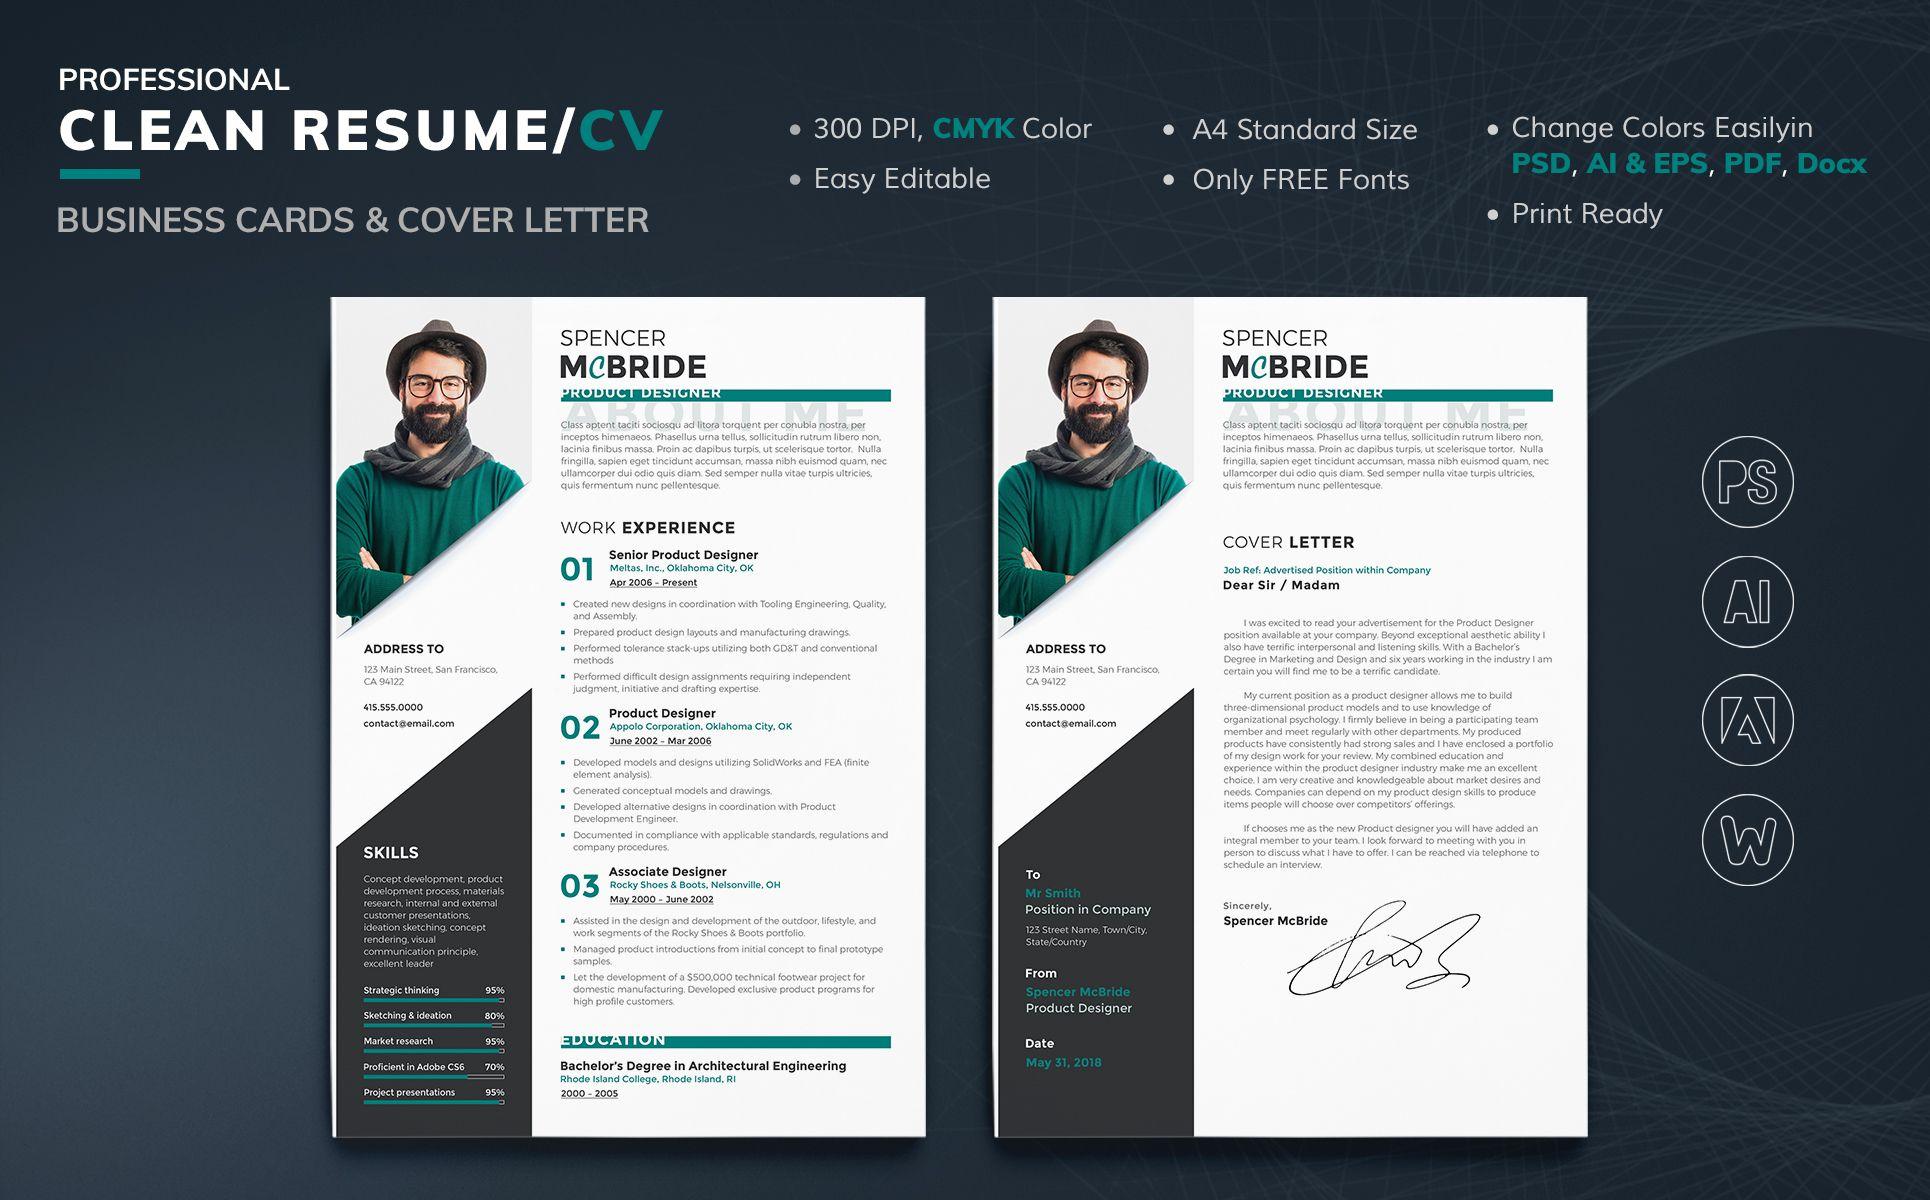 Spencer McBride - Product Designer Resume Template #69714 ...